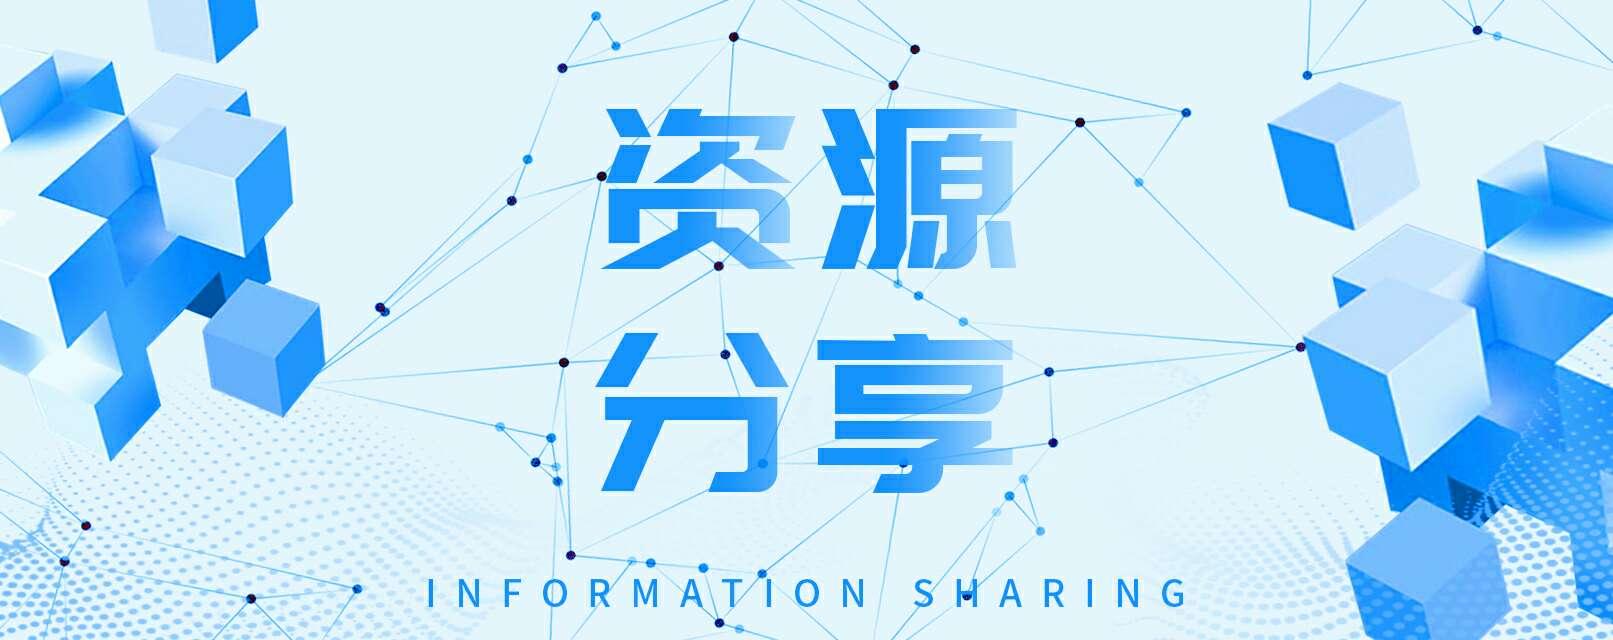 【资源分享】Python编译器(程序员必备)